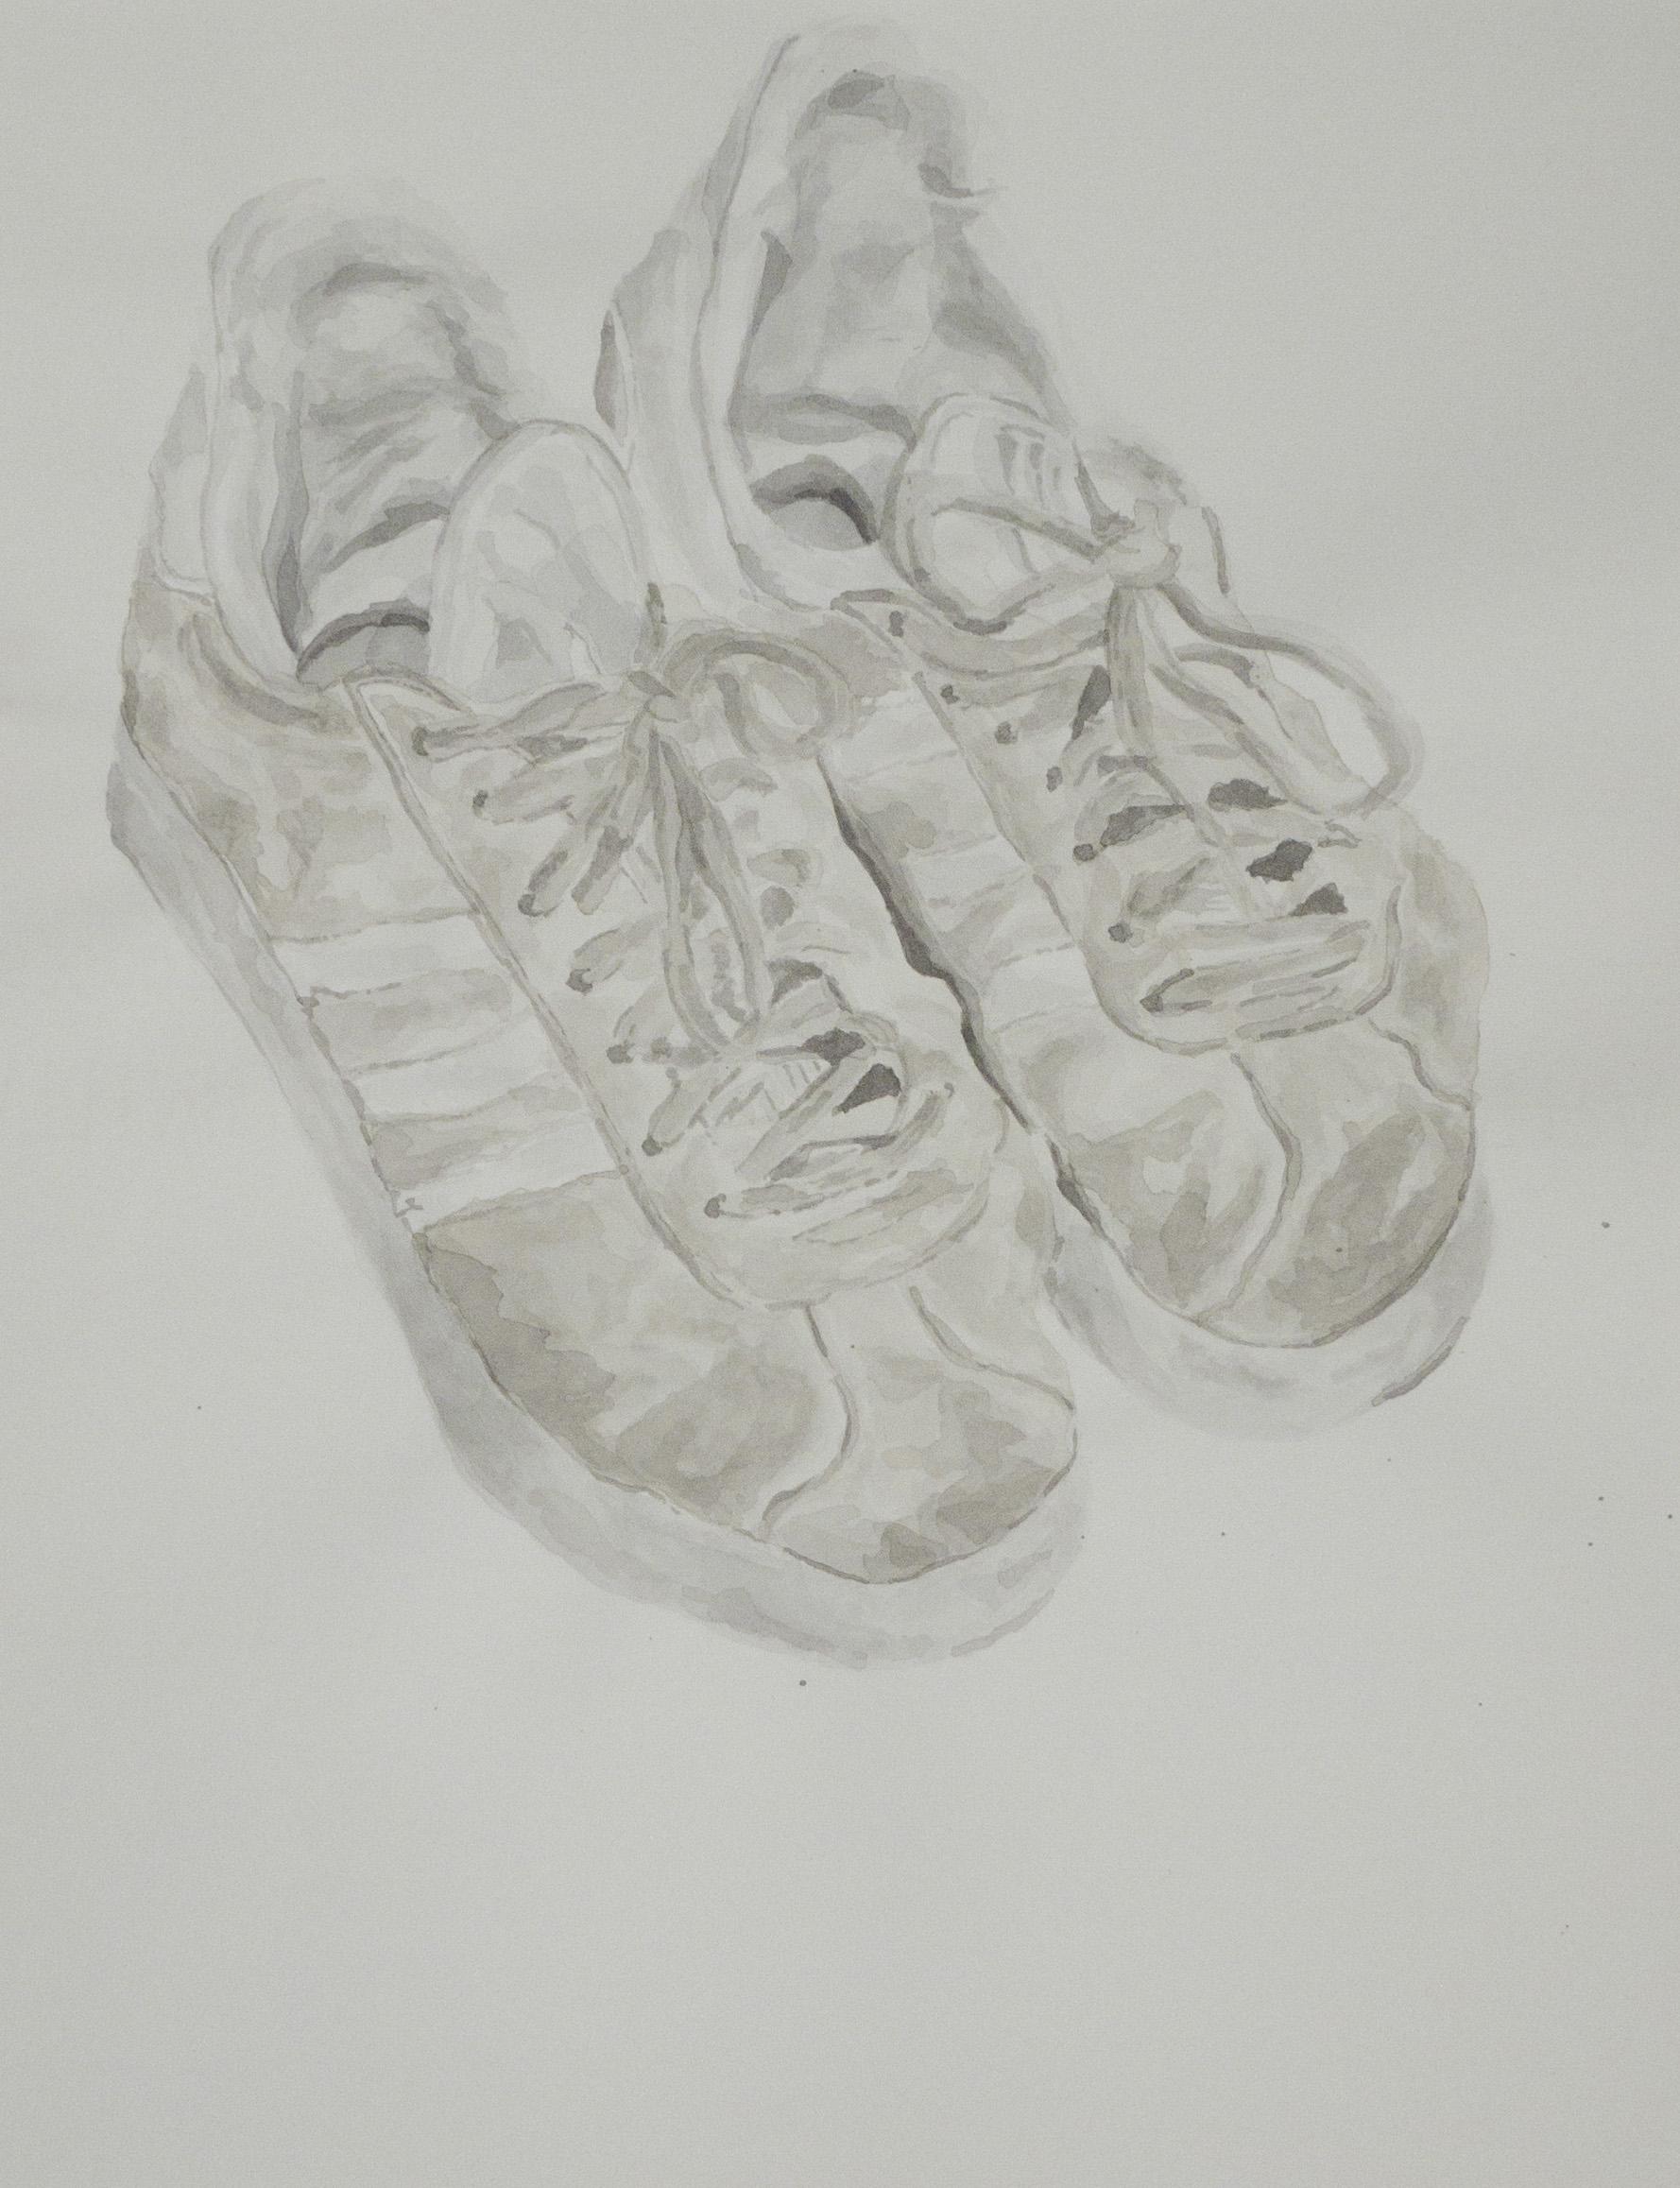 Bad Sneakers.JPG